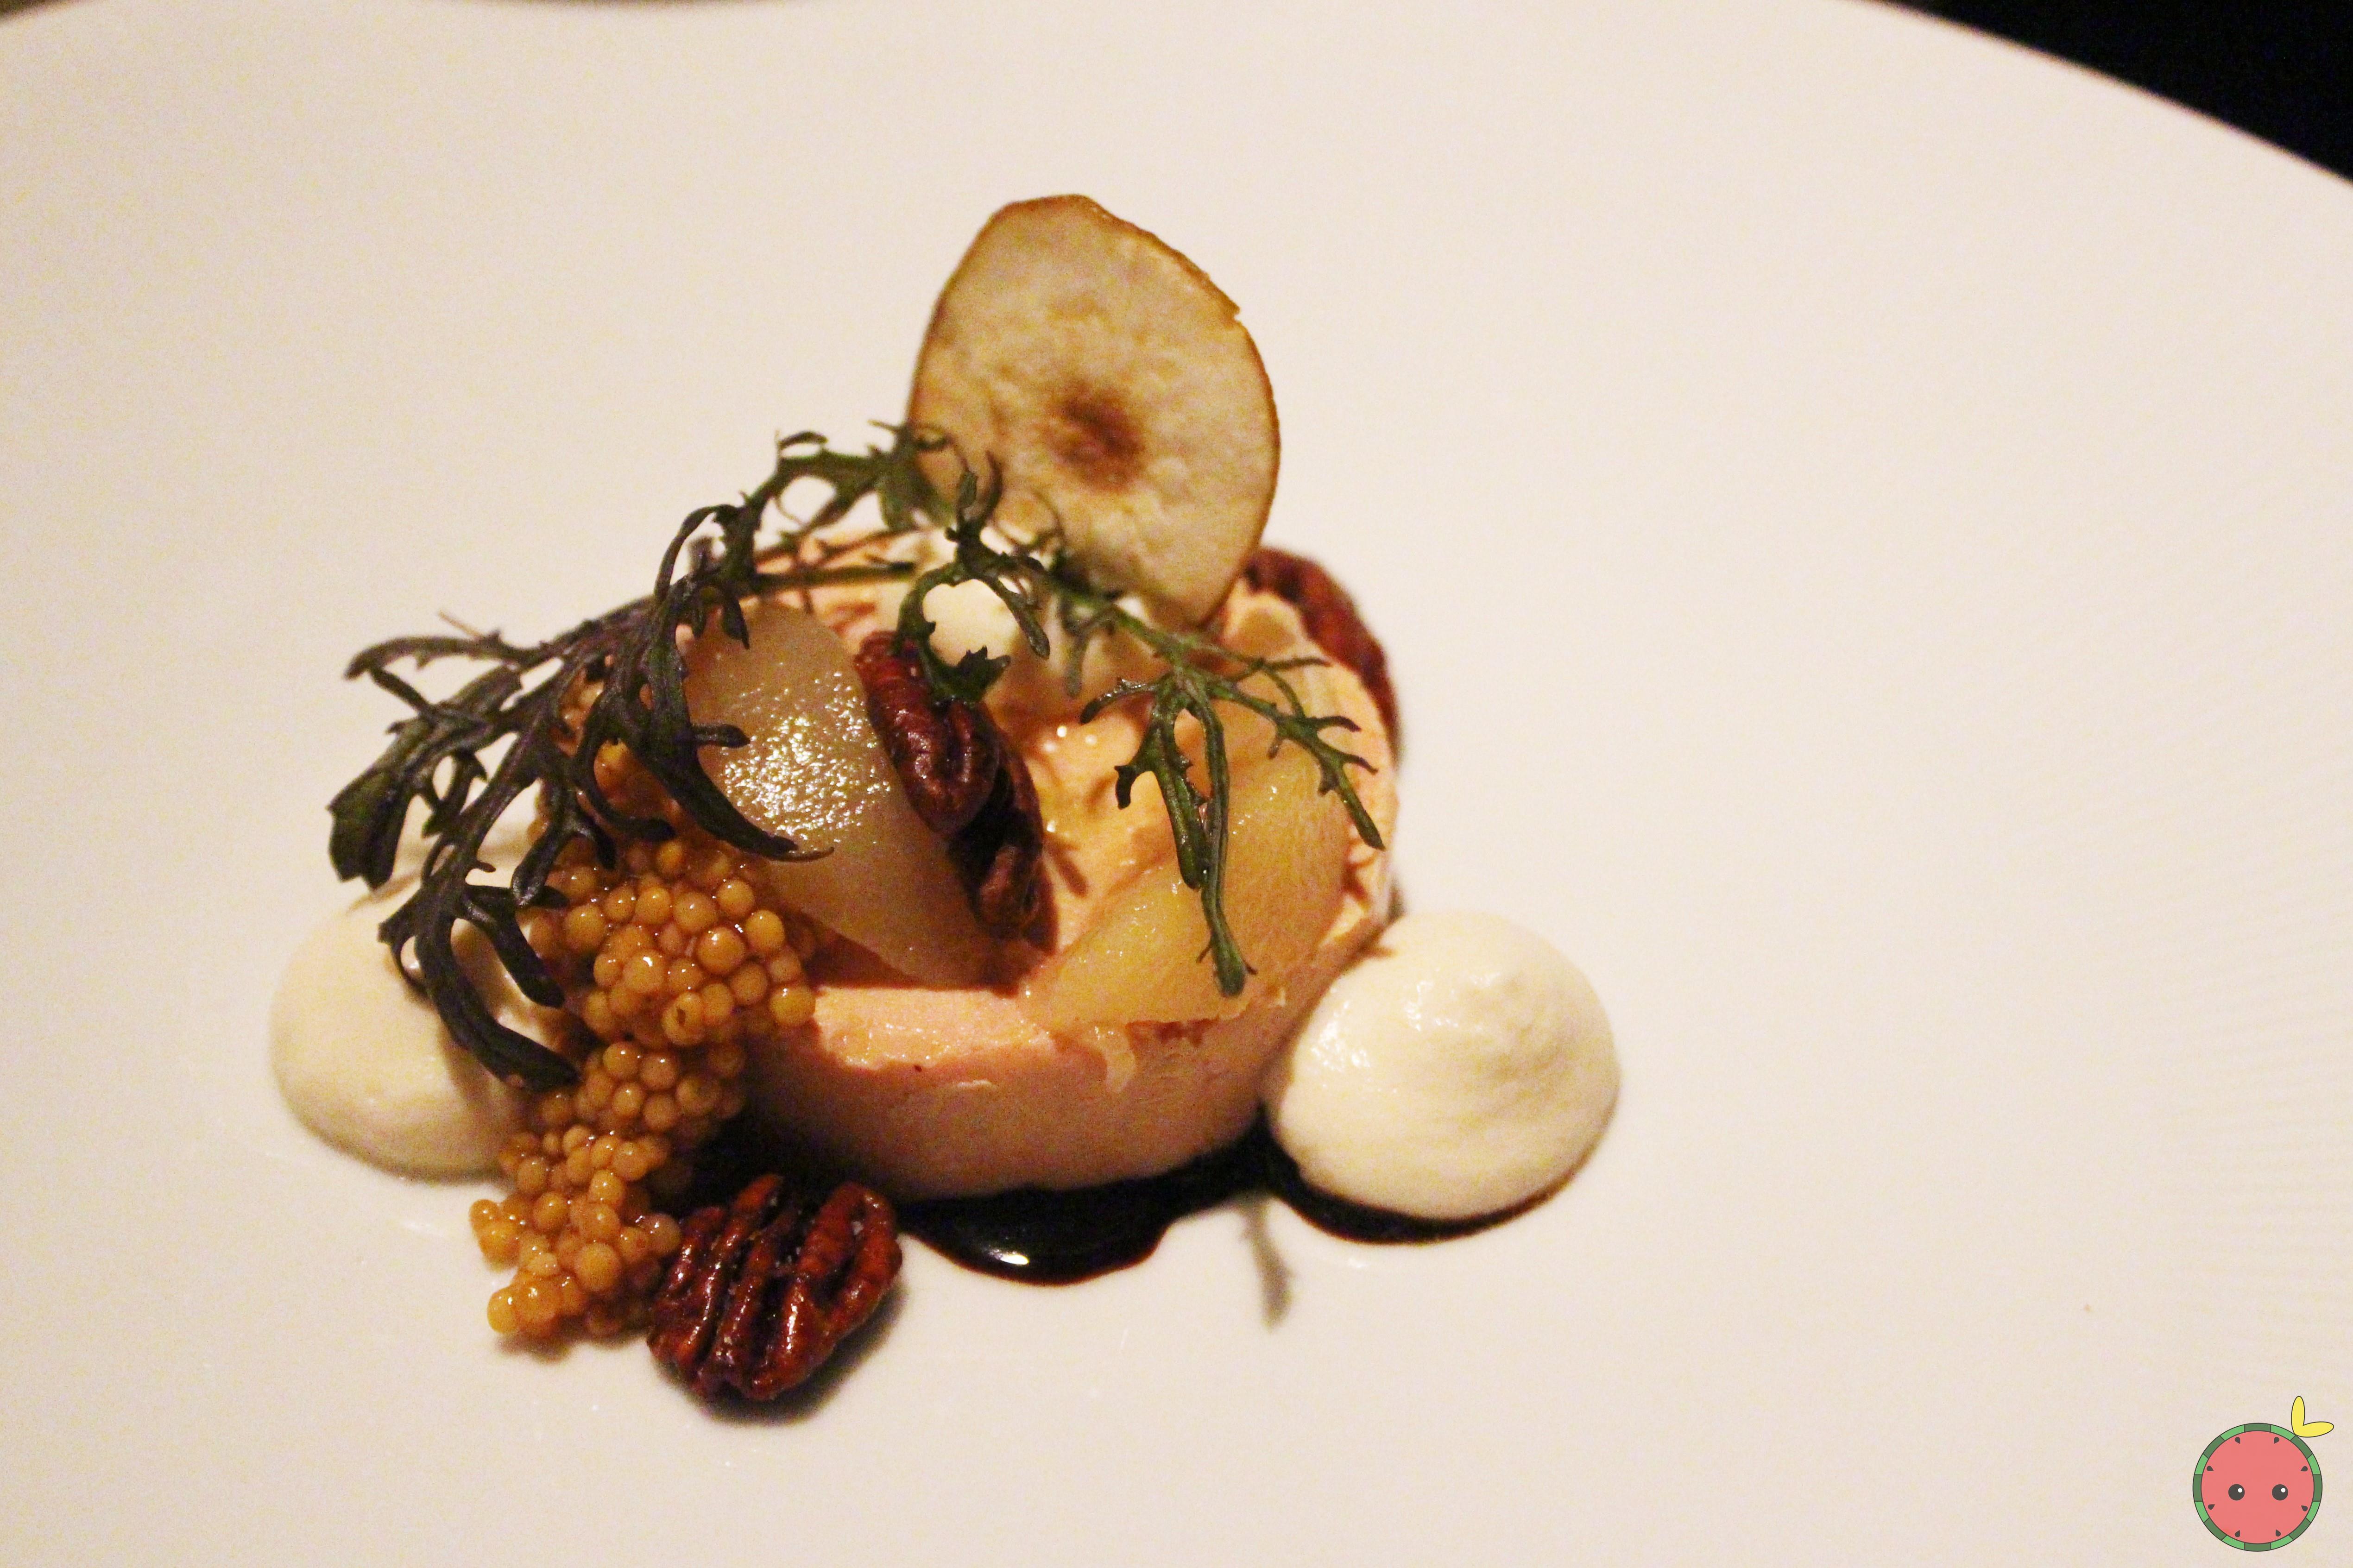 Torchon - Foie gras au naturel, seckel pear, pecans, 25 year balsamic, toasted brioche